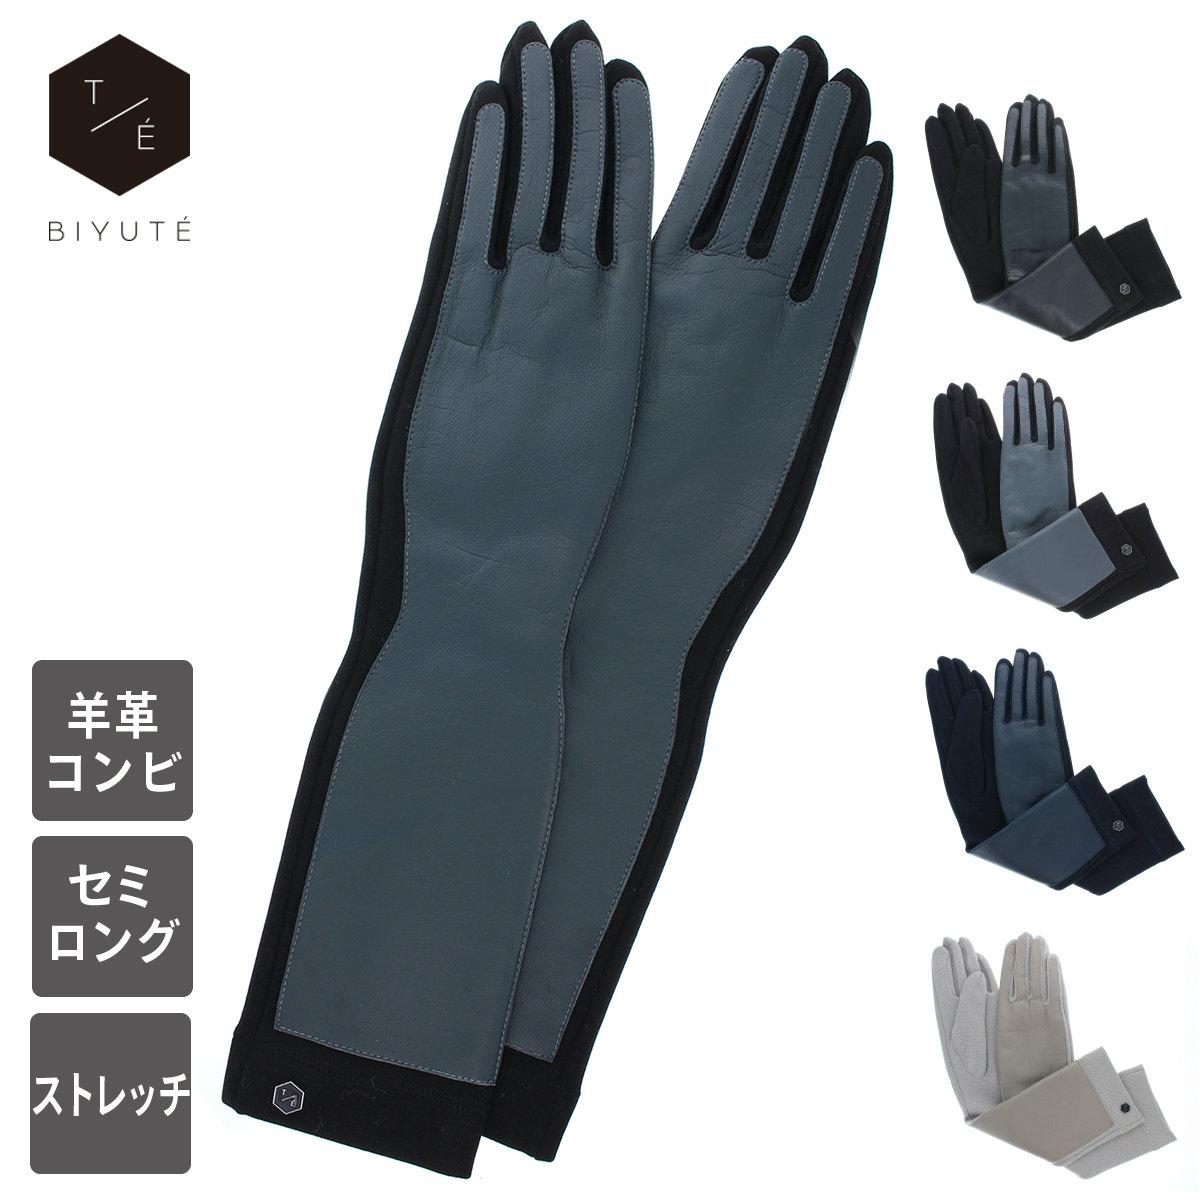 レディース ジャージ 手袋 セミロング丈 革コンビ ストレッチ素材 ドレスに合う手袋 モノトーン  BIYUTE